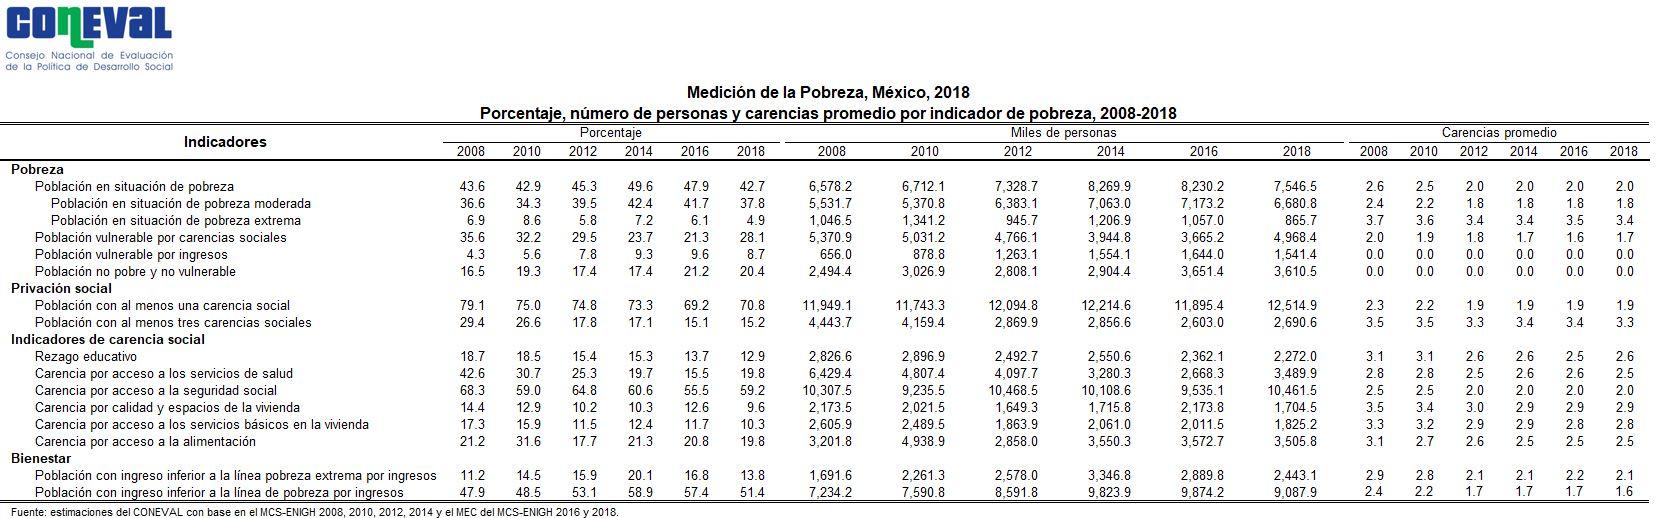 https://www.coneval.org.mx/coordinacion/entidades/PublishingImages/Pobreza-2018/Cuadro-1-Estado-de-Mexico.JPG